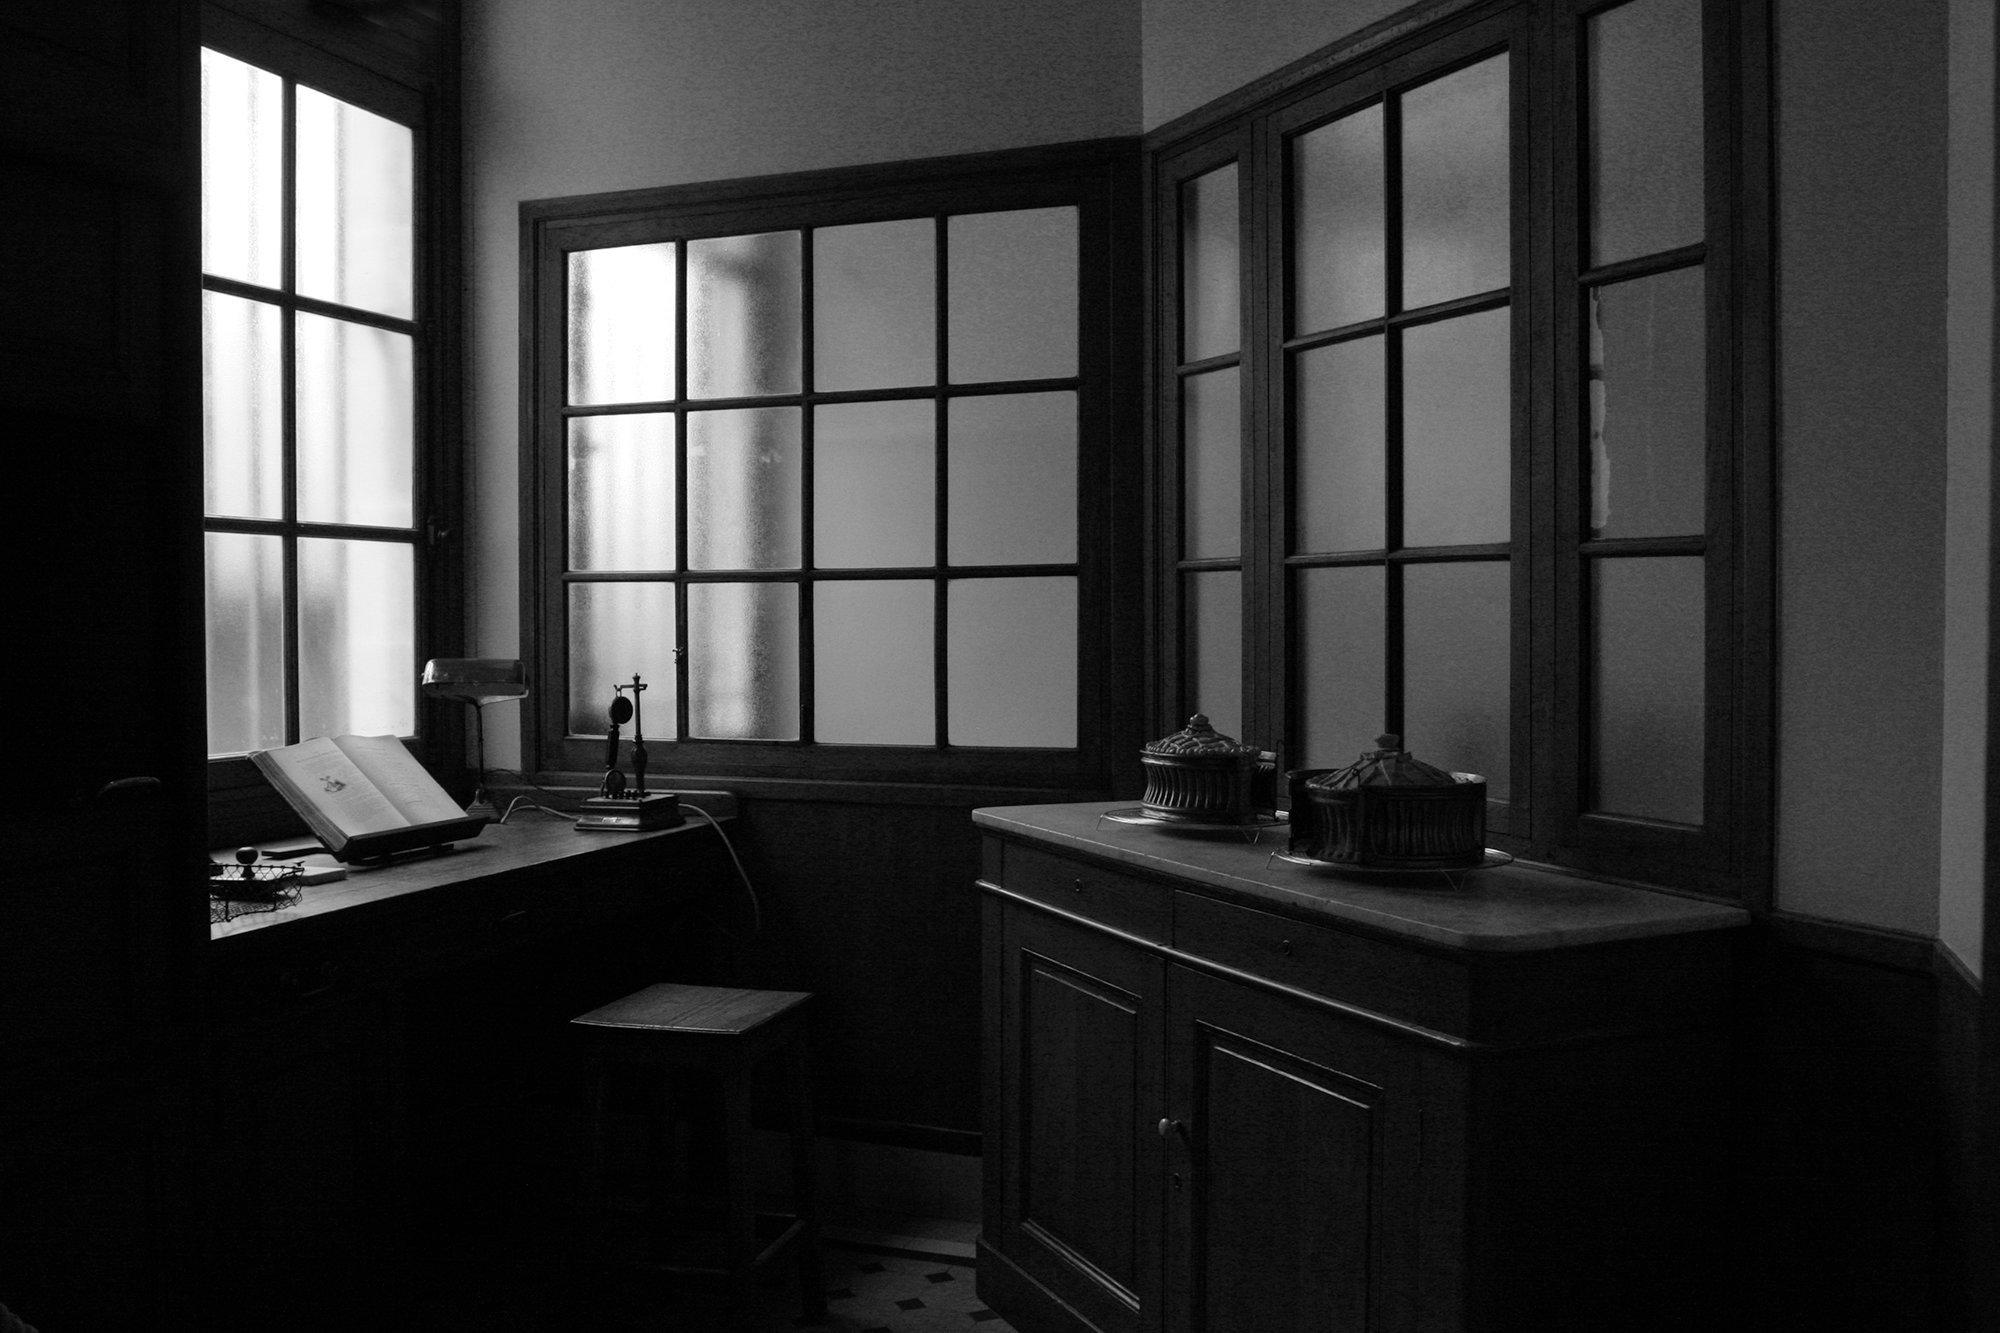 window3597-2.jpg